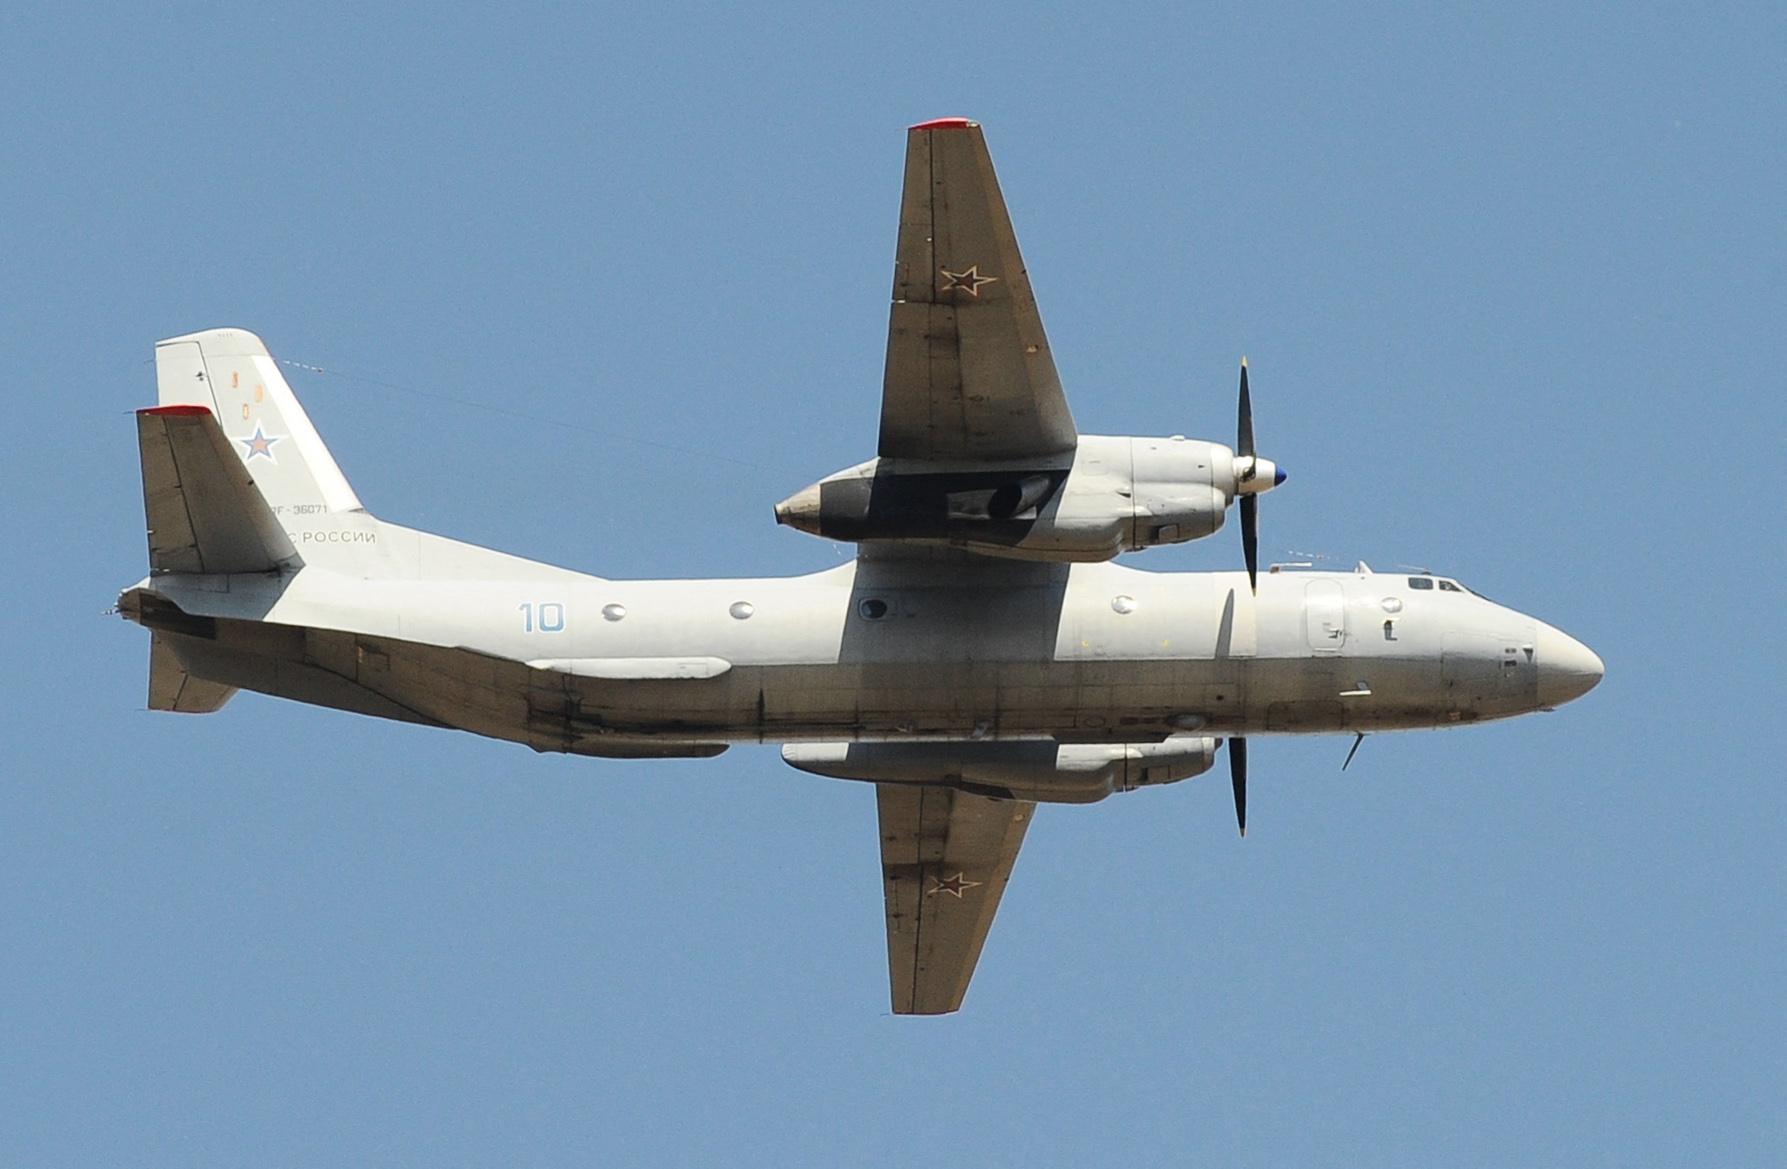 Egy sítábor közelében zuhant le az eltűnt orosz repülőgép